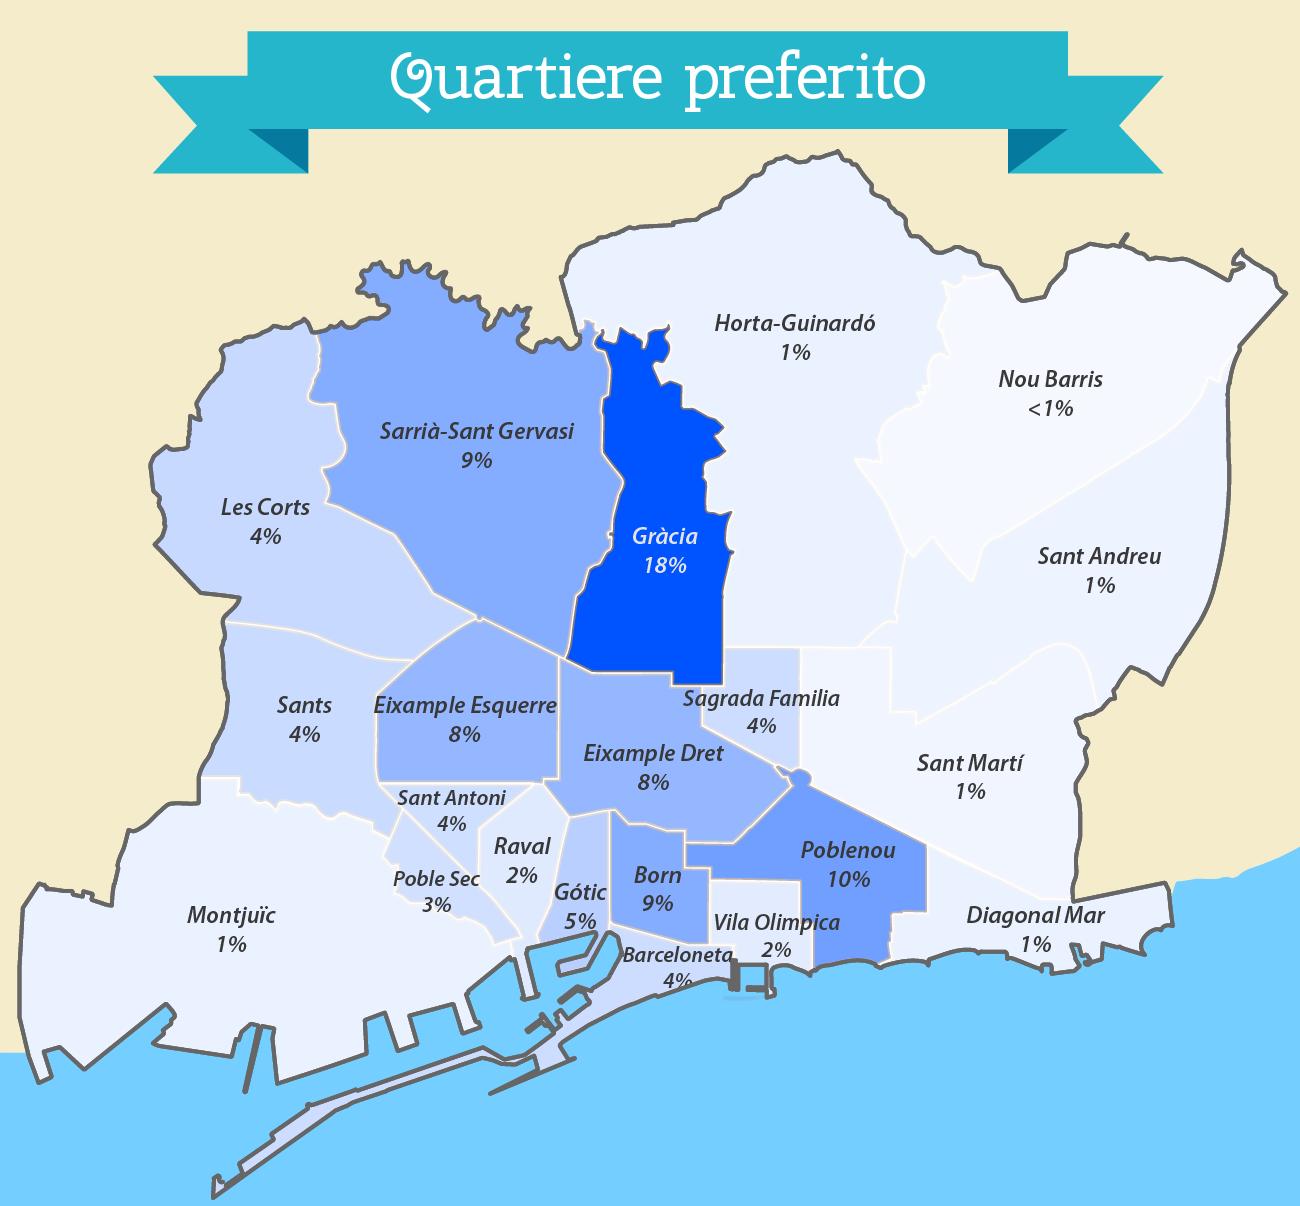 Quali sono i 5 quartieri migliori per vivere a barcellona for Quartiere gracia barcellona